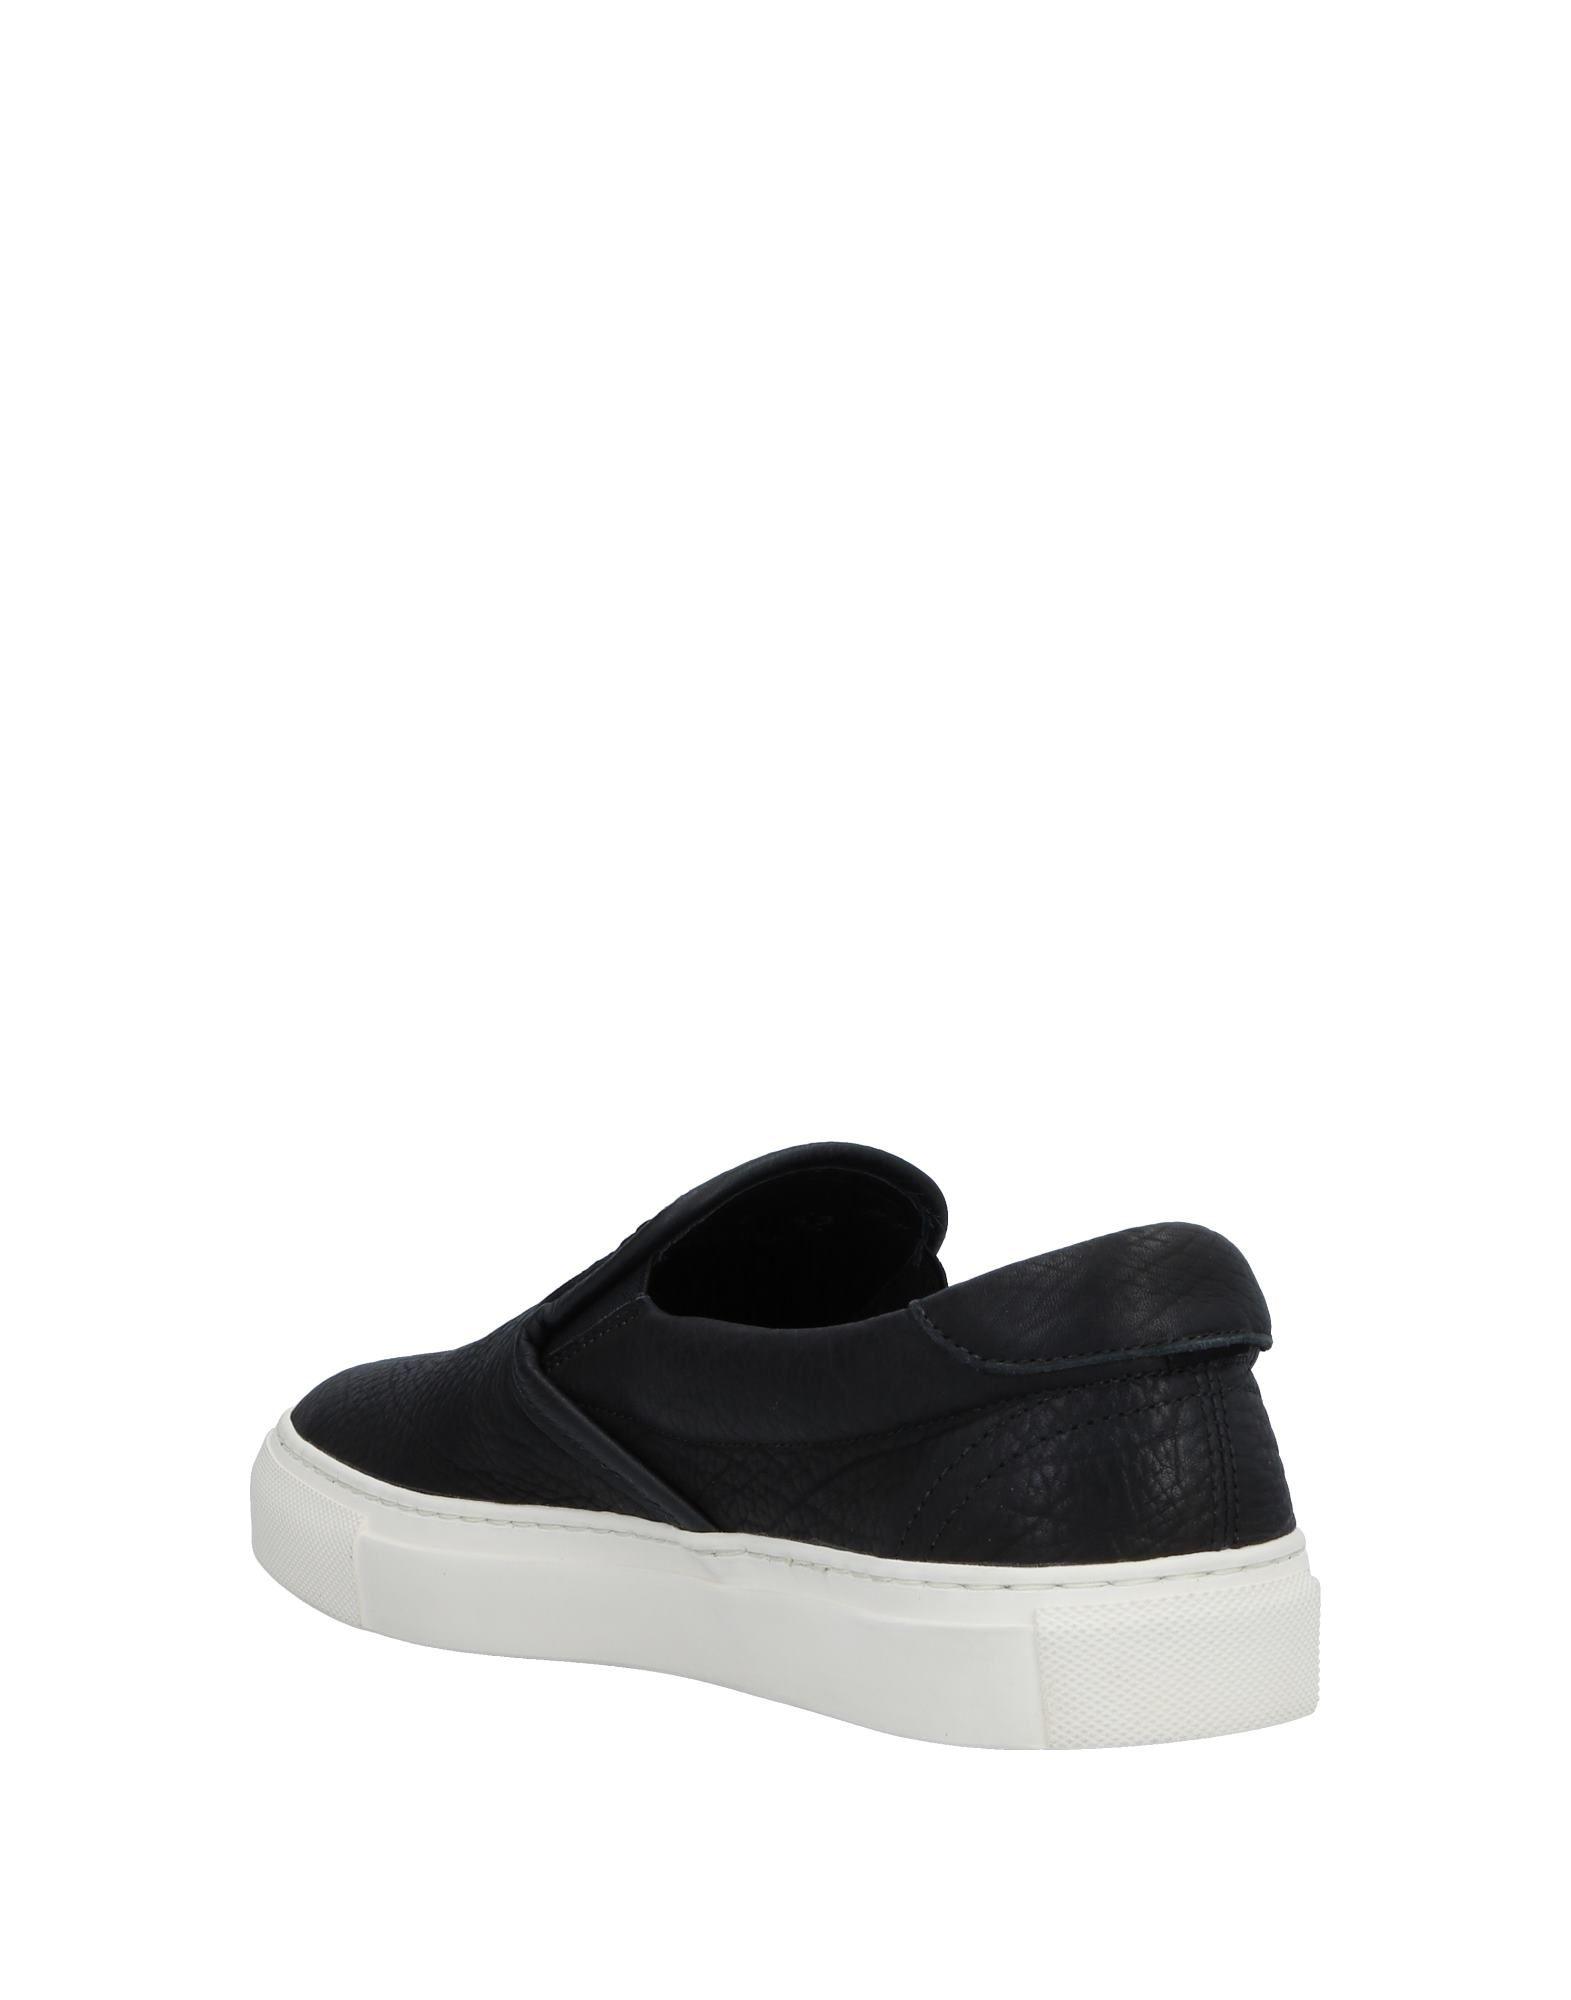 Diemme Gute Sneakers Herren  11530781UR Gute Diemme Qualität beliebte Schuhe 01b981